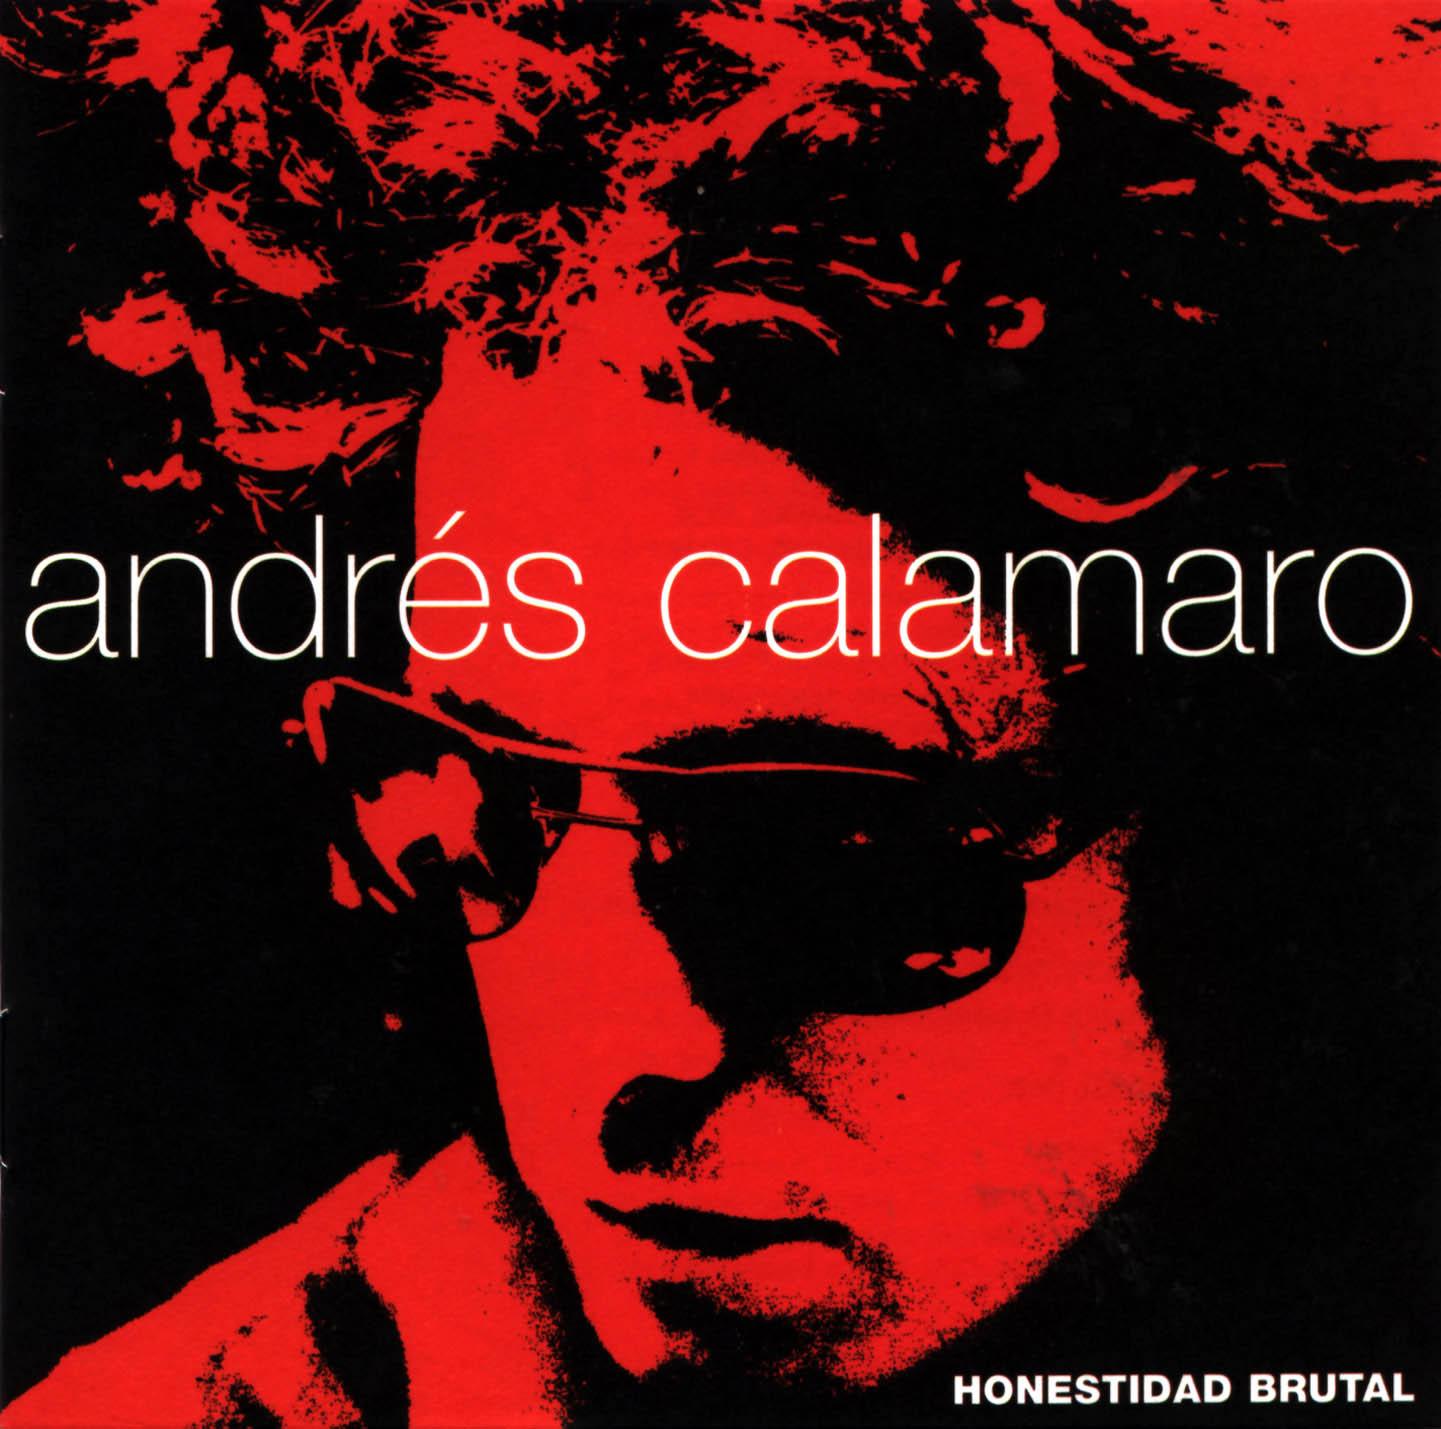 SOLO ALBUMS - DISCOS EN SOLITARIO Andres_Calamaro-Honestidad_Brutal-Frontal